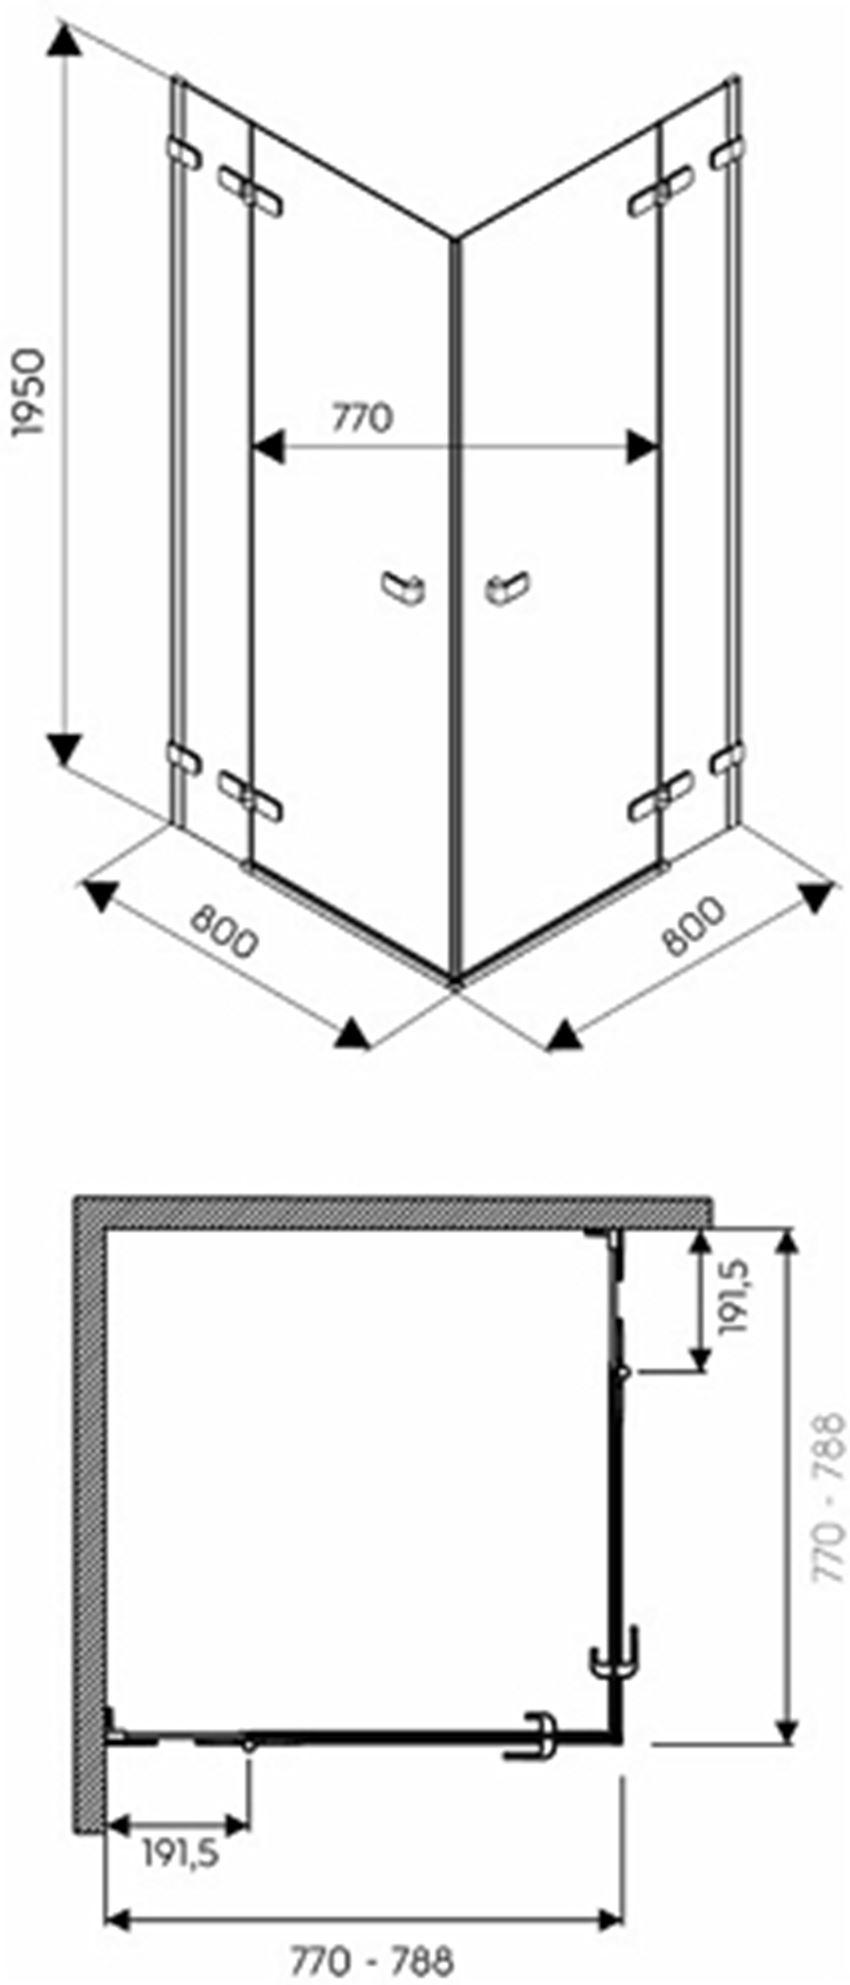 Kabina kwadratowa 80 drzwi skrzydlowe Koło Next rysunek techniczny